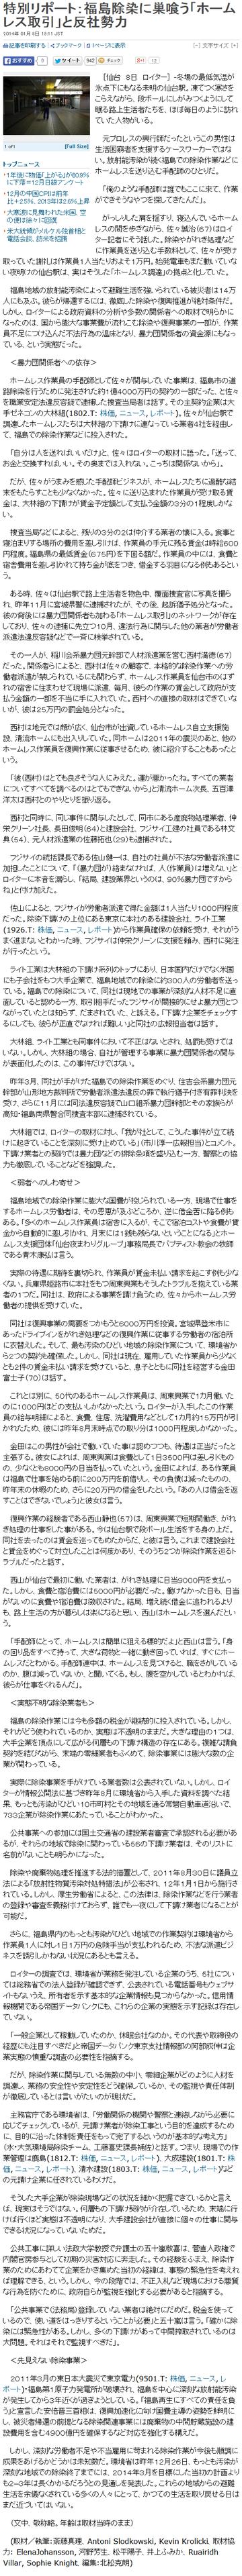 特別リポート福島除染に巣喰うReuters